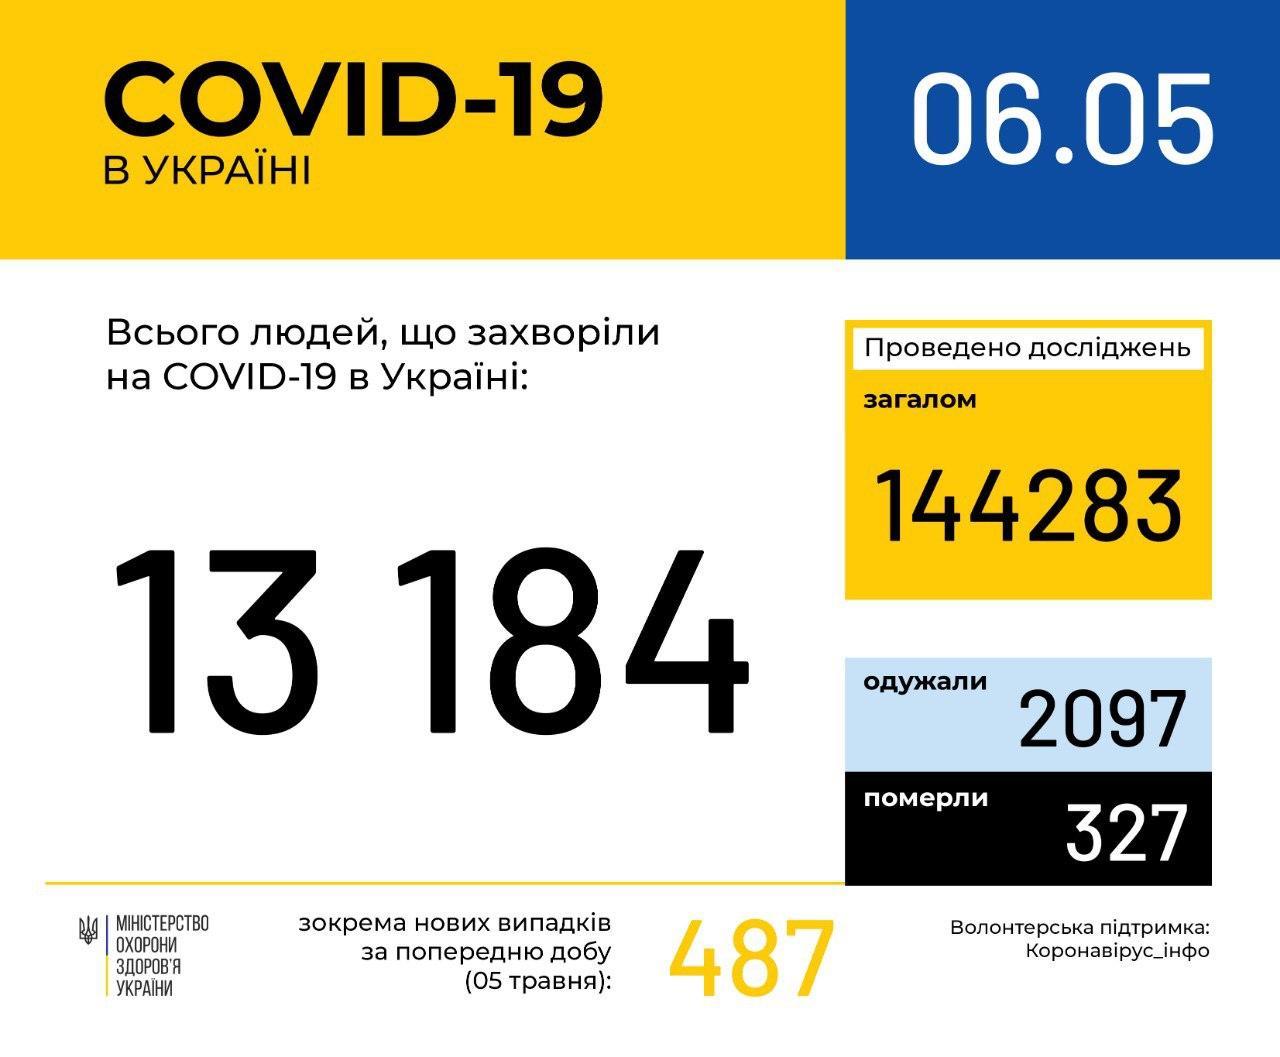 В Україні зафіксовано 13 184 випадки коронавірусної хвороби COVID-19